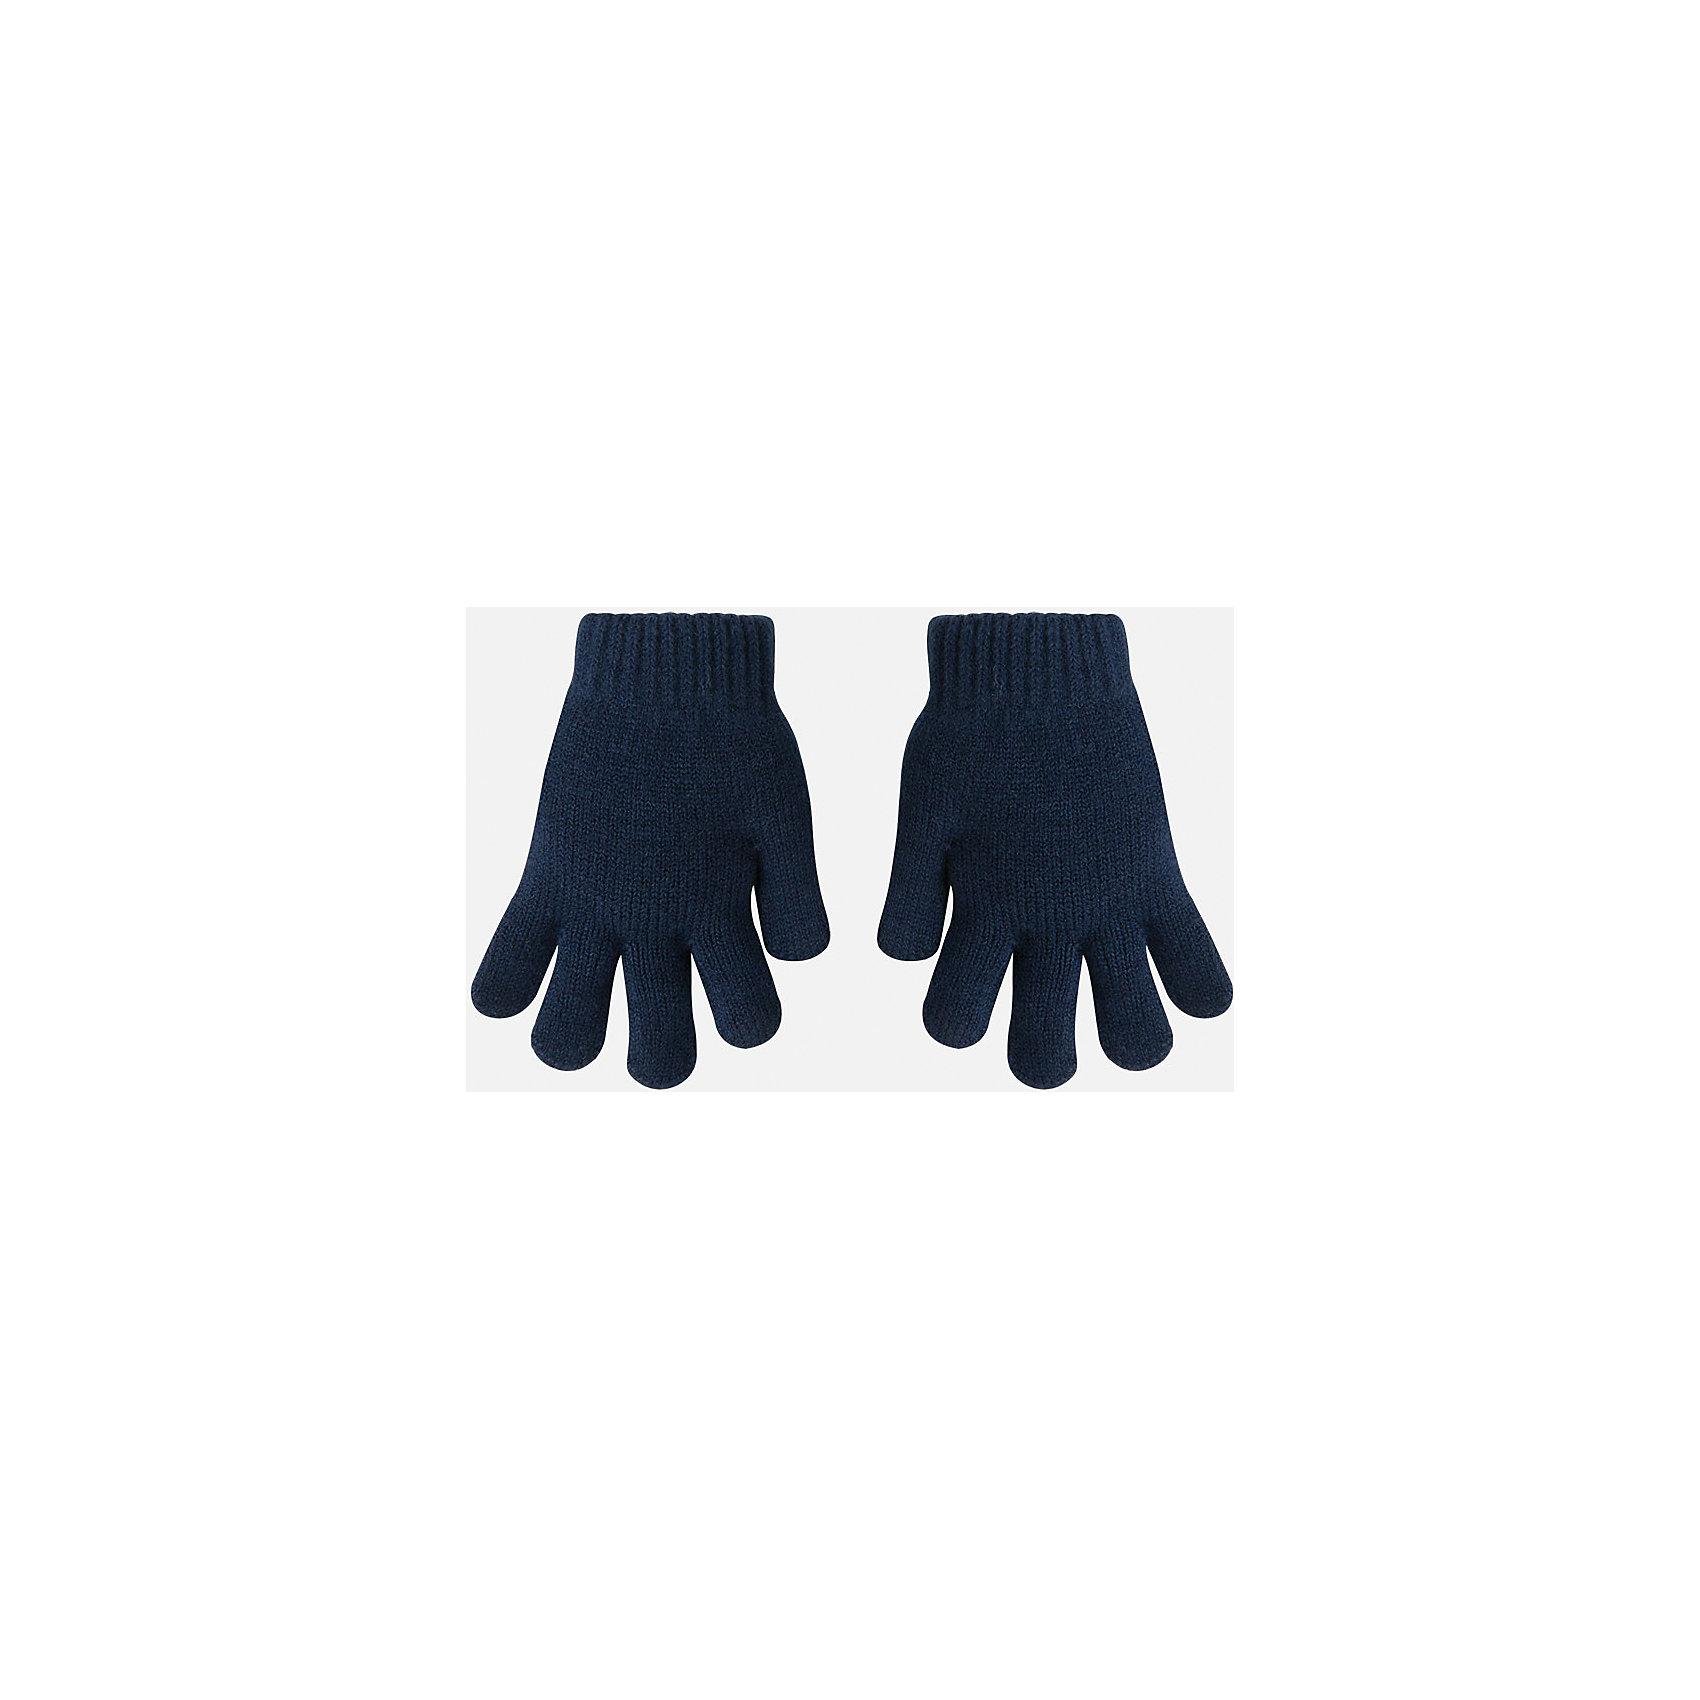 Перчатки для мальчика MayoralПерчатки для мальчика от известного испанского бренда Mayoral. В состав перчаток входит акрил, обладающий гипоаллергенностью и способный сохранять тепло. В таких перчатках ребенку несомненно будет тепло и комфортно!<br>Дополнительная информация:<br>-цвет: синий<br>-состав: 55% хлопок, 45% акрил<br>Перчатки Mayoral вы можете приобрести в нашем интернет-магазине.<br><br>Ширина мм: 162<br>Глубина мм: 171<br>Высота мм: 55<br>Вес г: 119<br>Цвет: синий<br>Возраст от месяцев: 60<br>Возраст до месяцев: 72<br>Пол: Мужской<br>Возраст: Детский<br>Размер: 6,14,10<br>SKU: 4820161